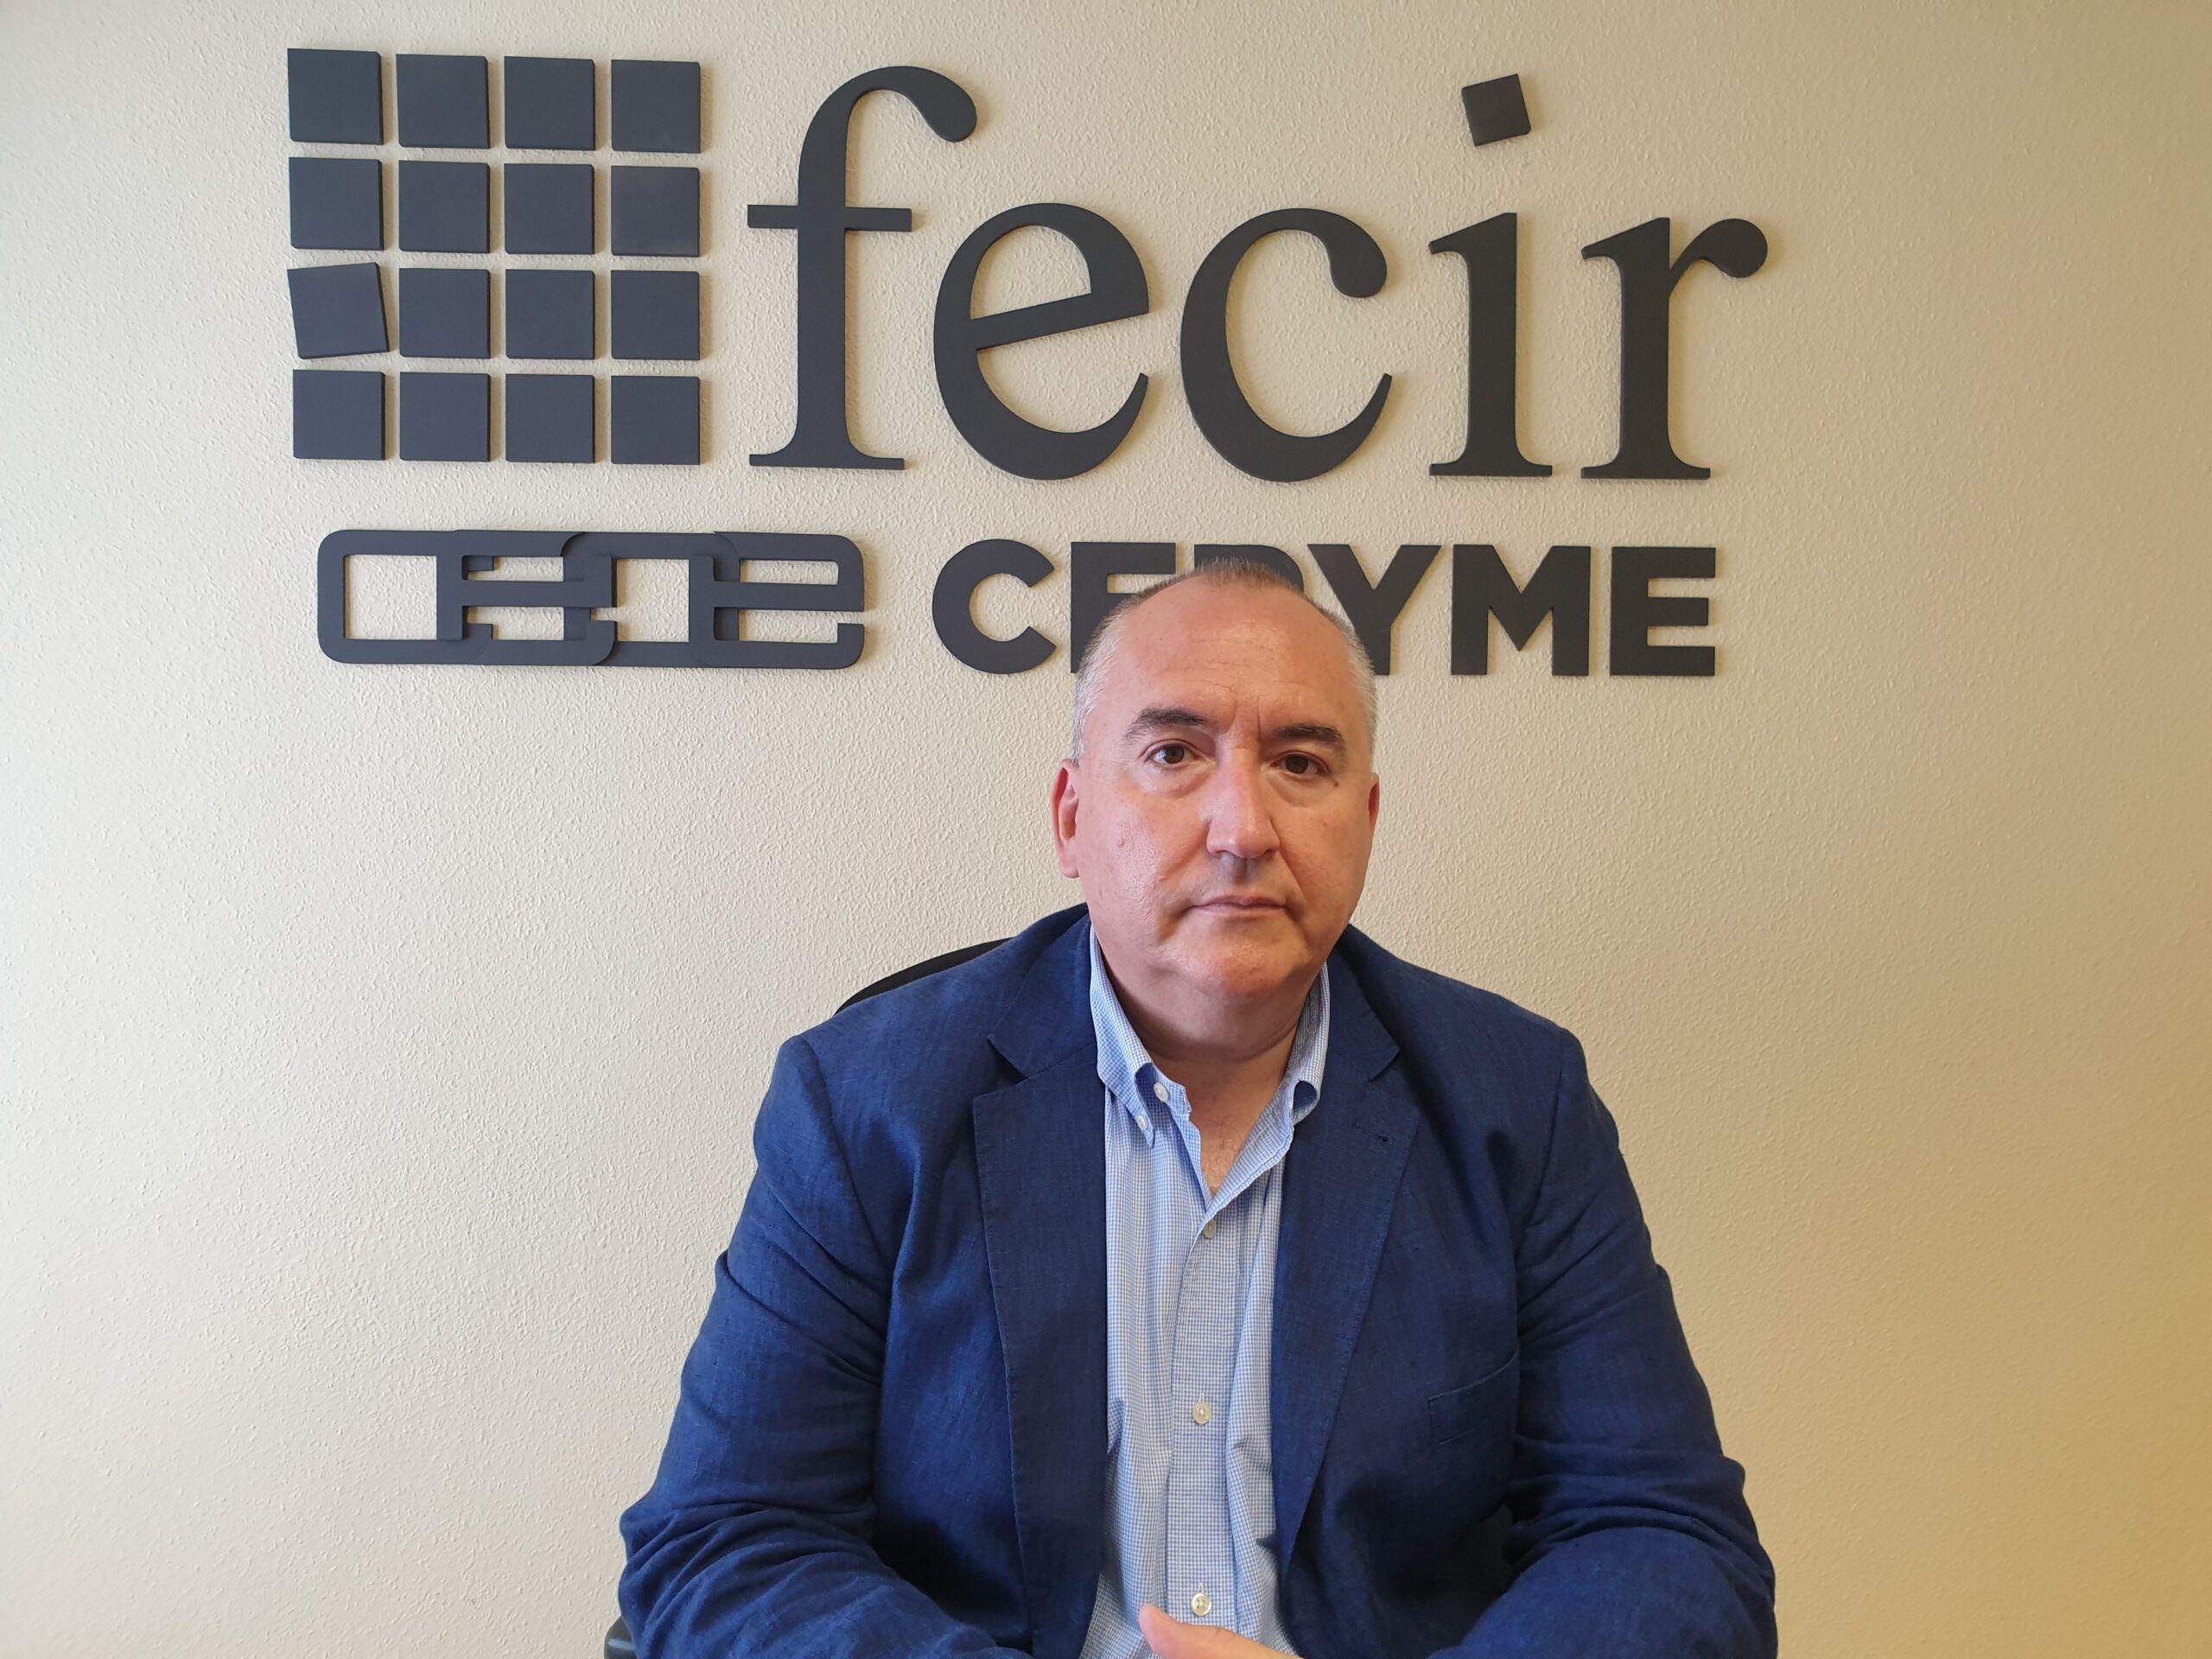 """El presidente de Fecir, Carlos Marín, indica que son """"necesarias medidas estructurales a nivel nacional y no brindis al sol"""""""